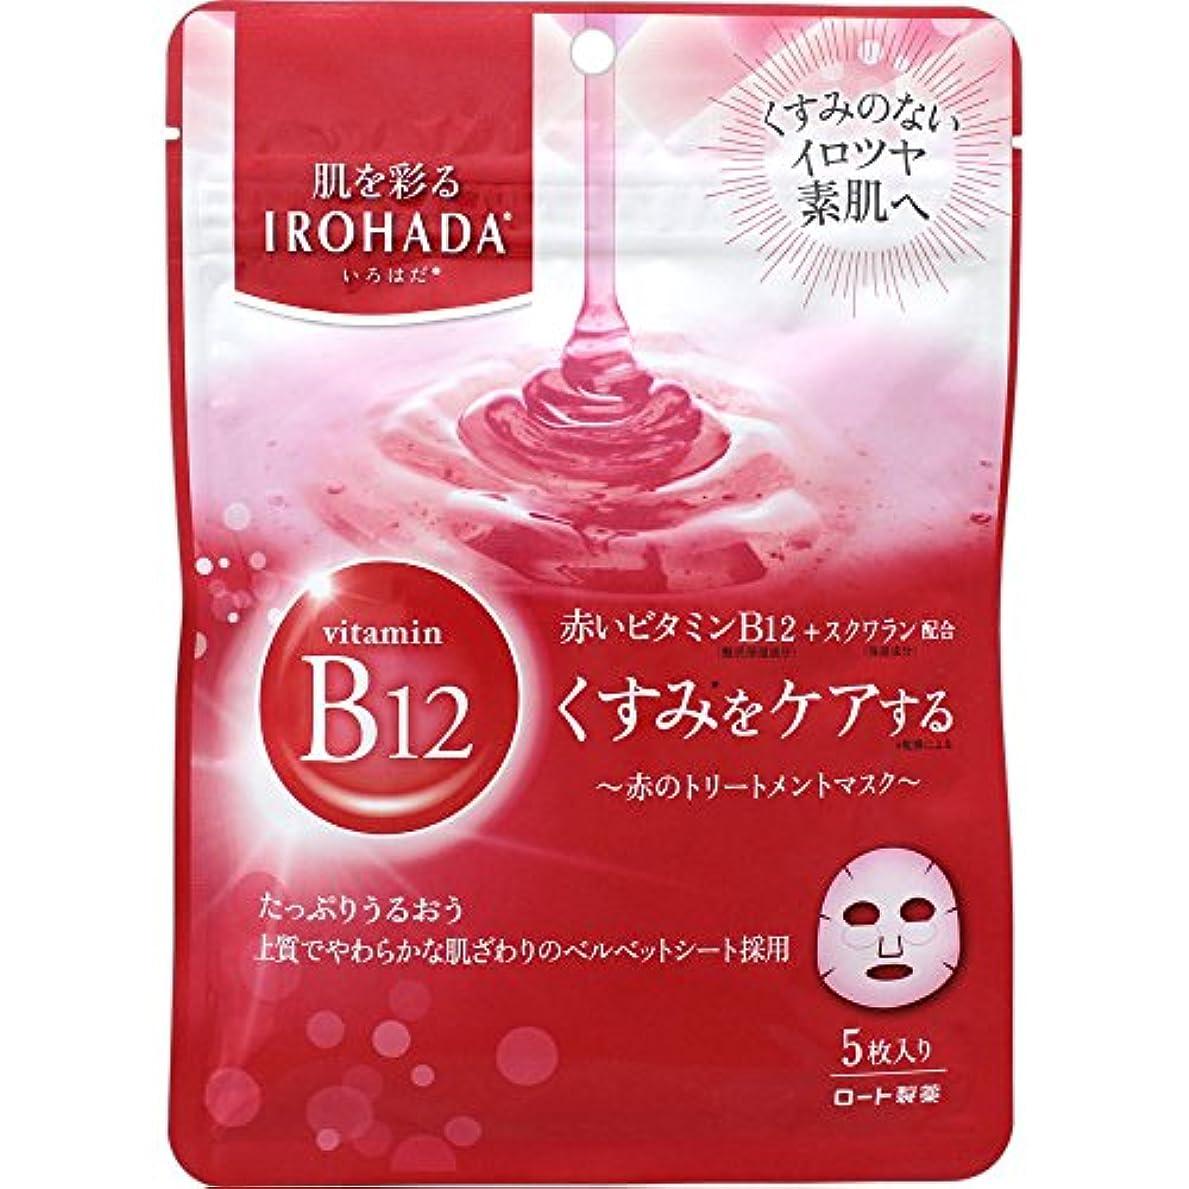 油のみのみロート製薬 いろはだ (IROHADA) 赤いビタミンB12×スクワラン配合 トリートメントマスク 5枚入り